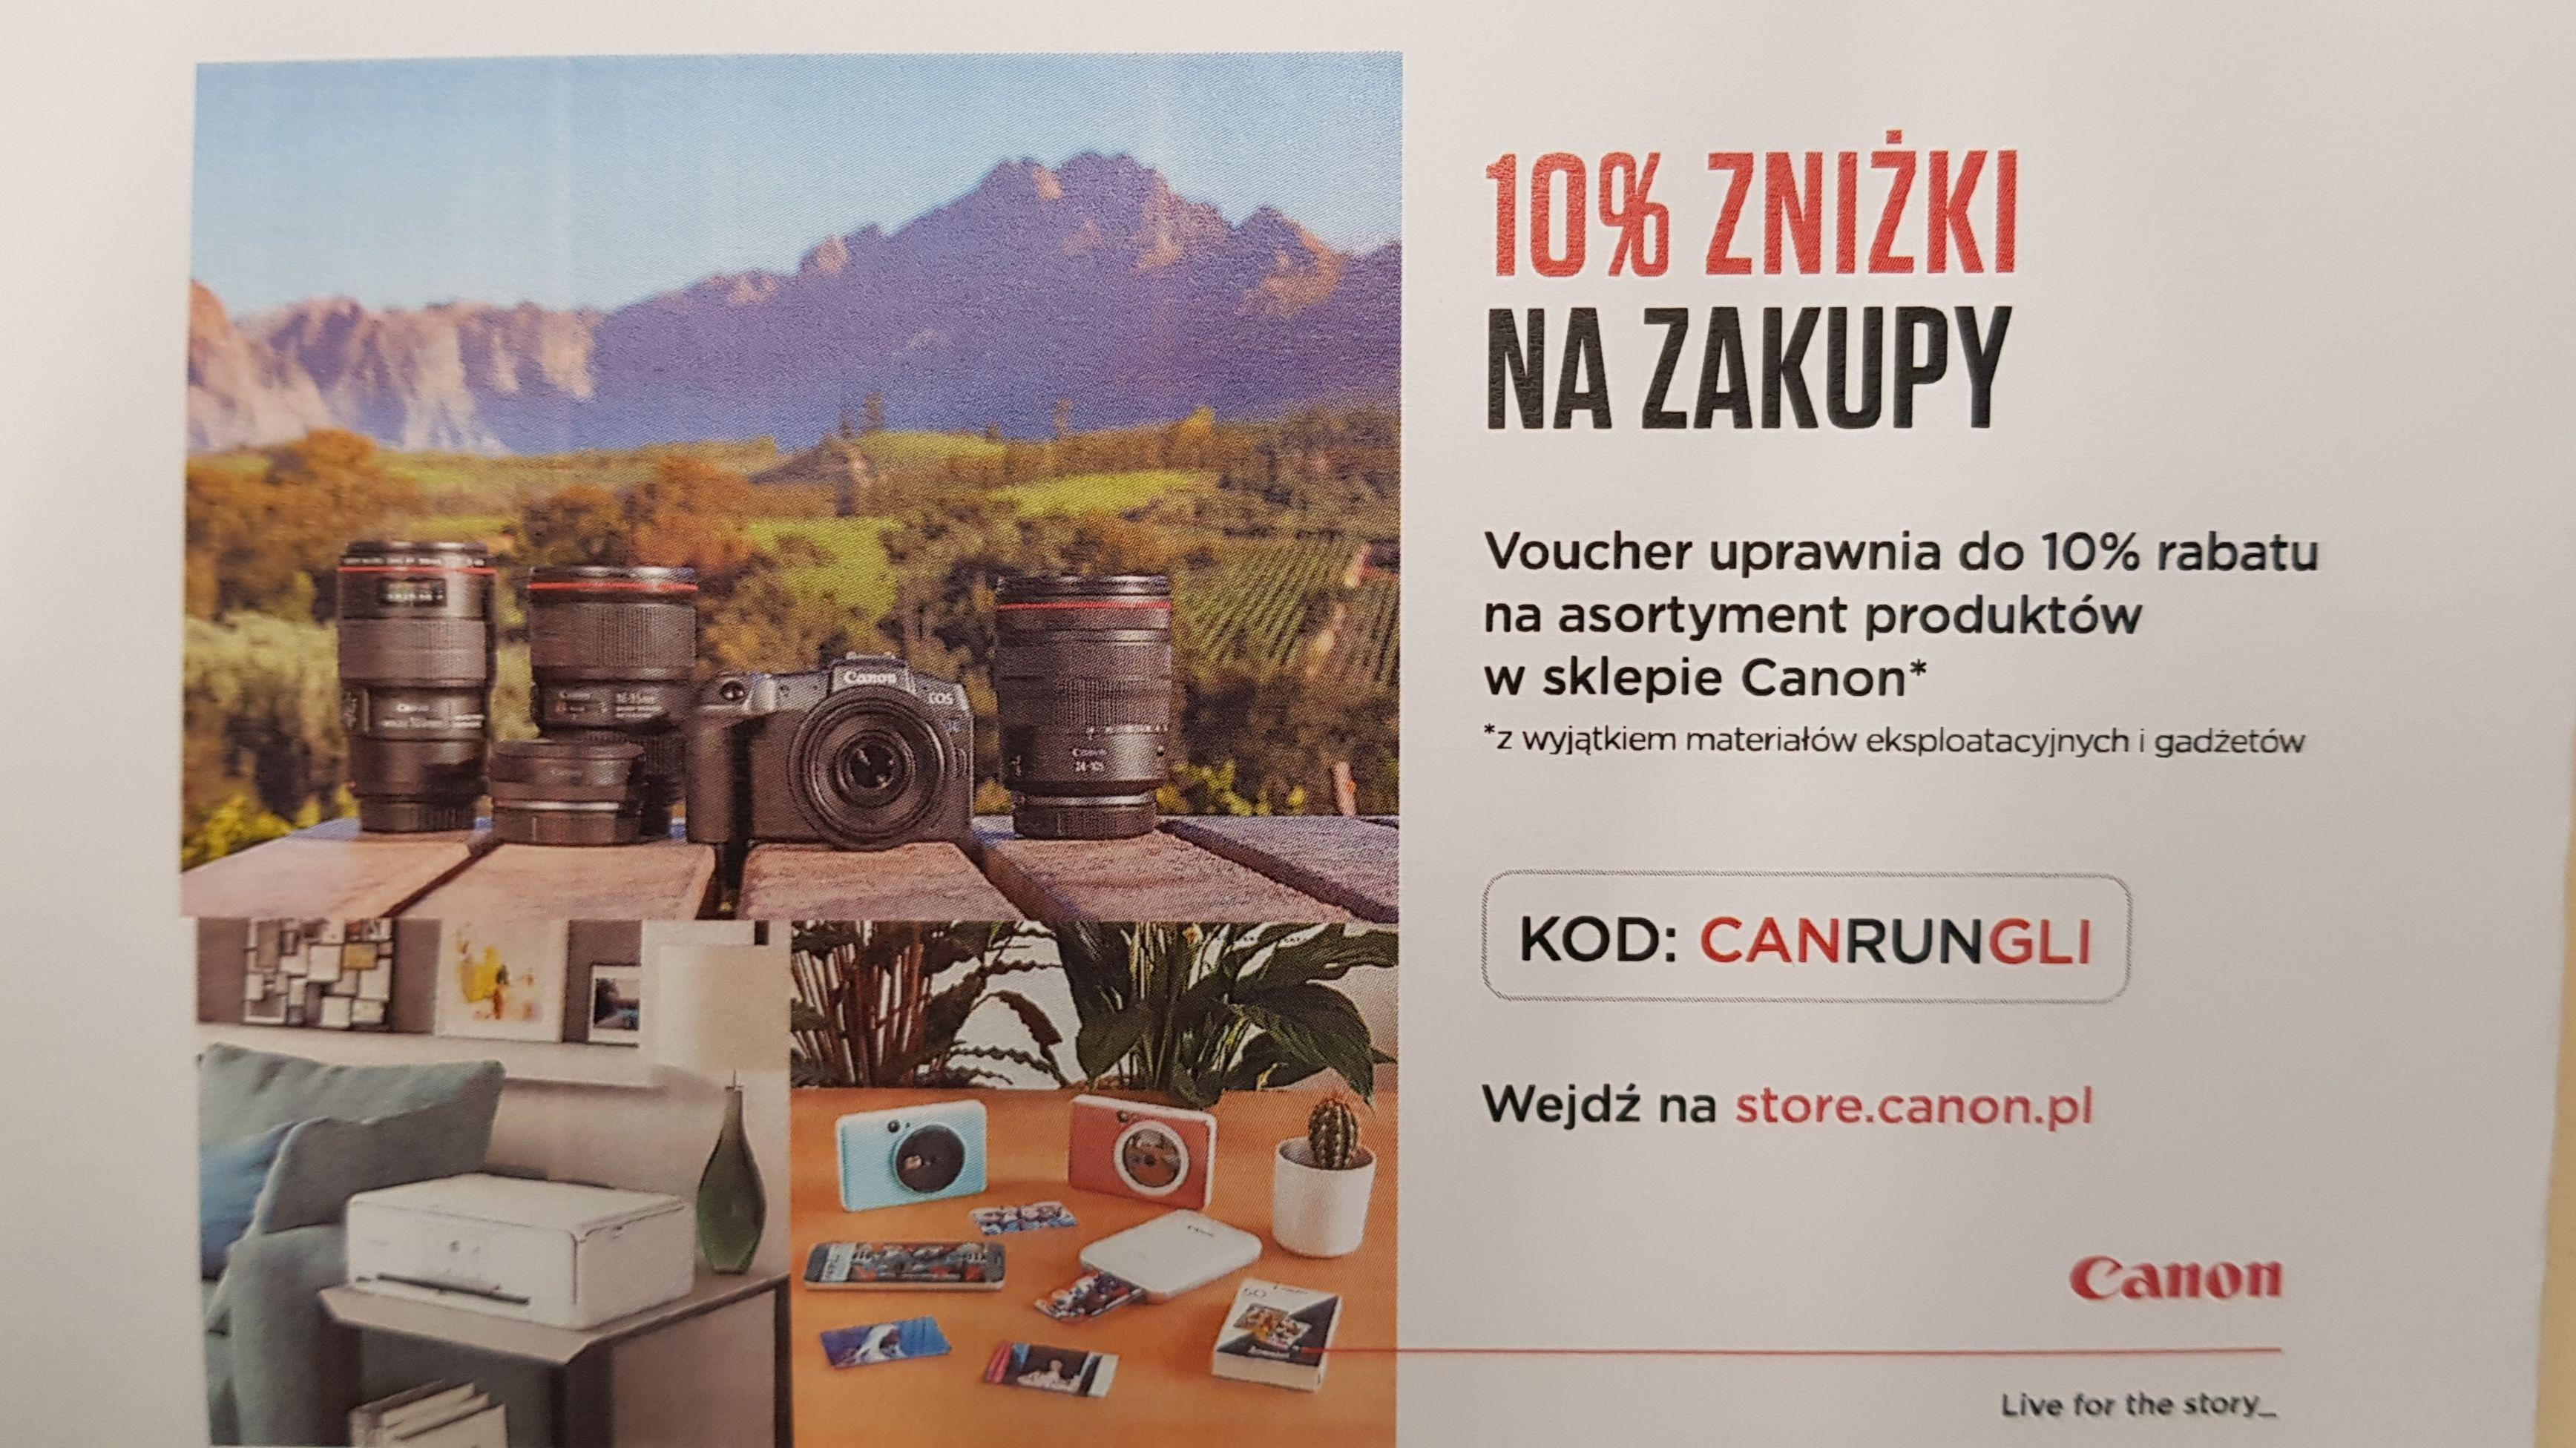 10% zniżki na zakupy w oficjalnym sklepie Canon